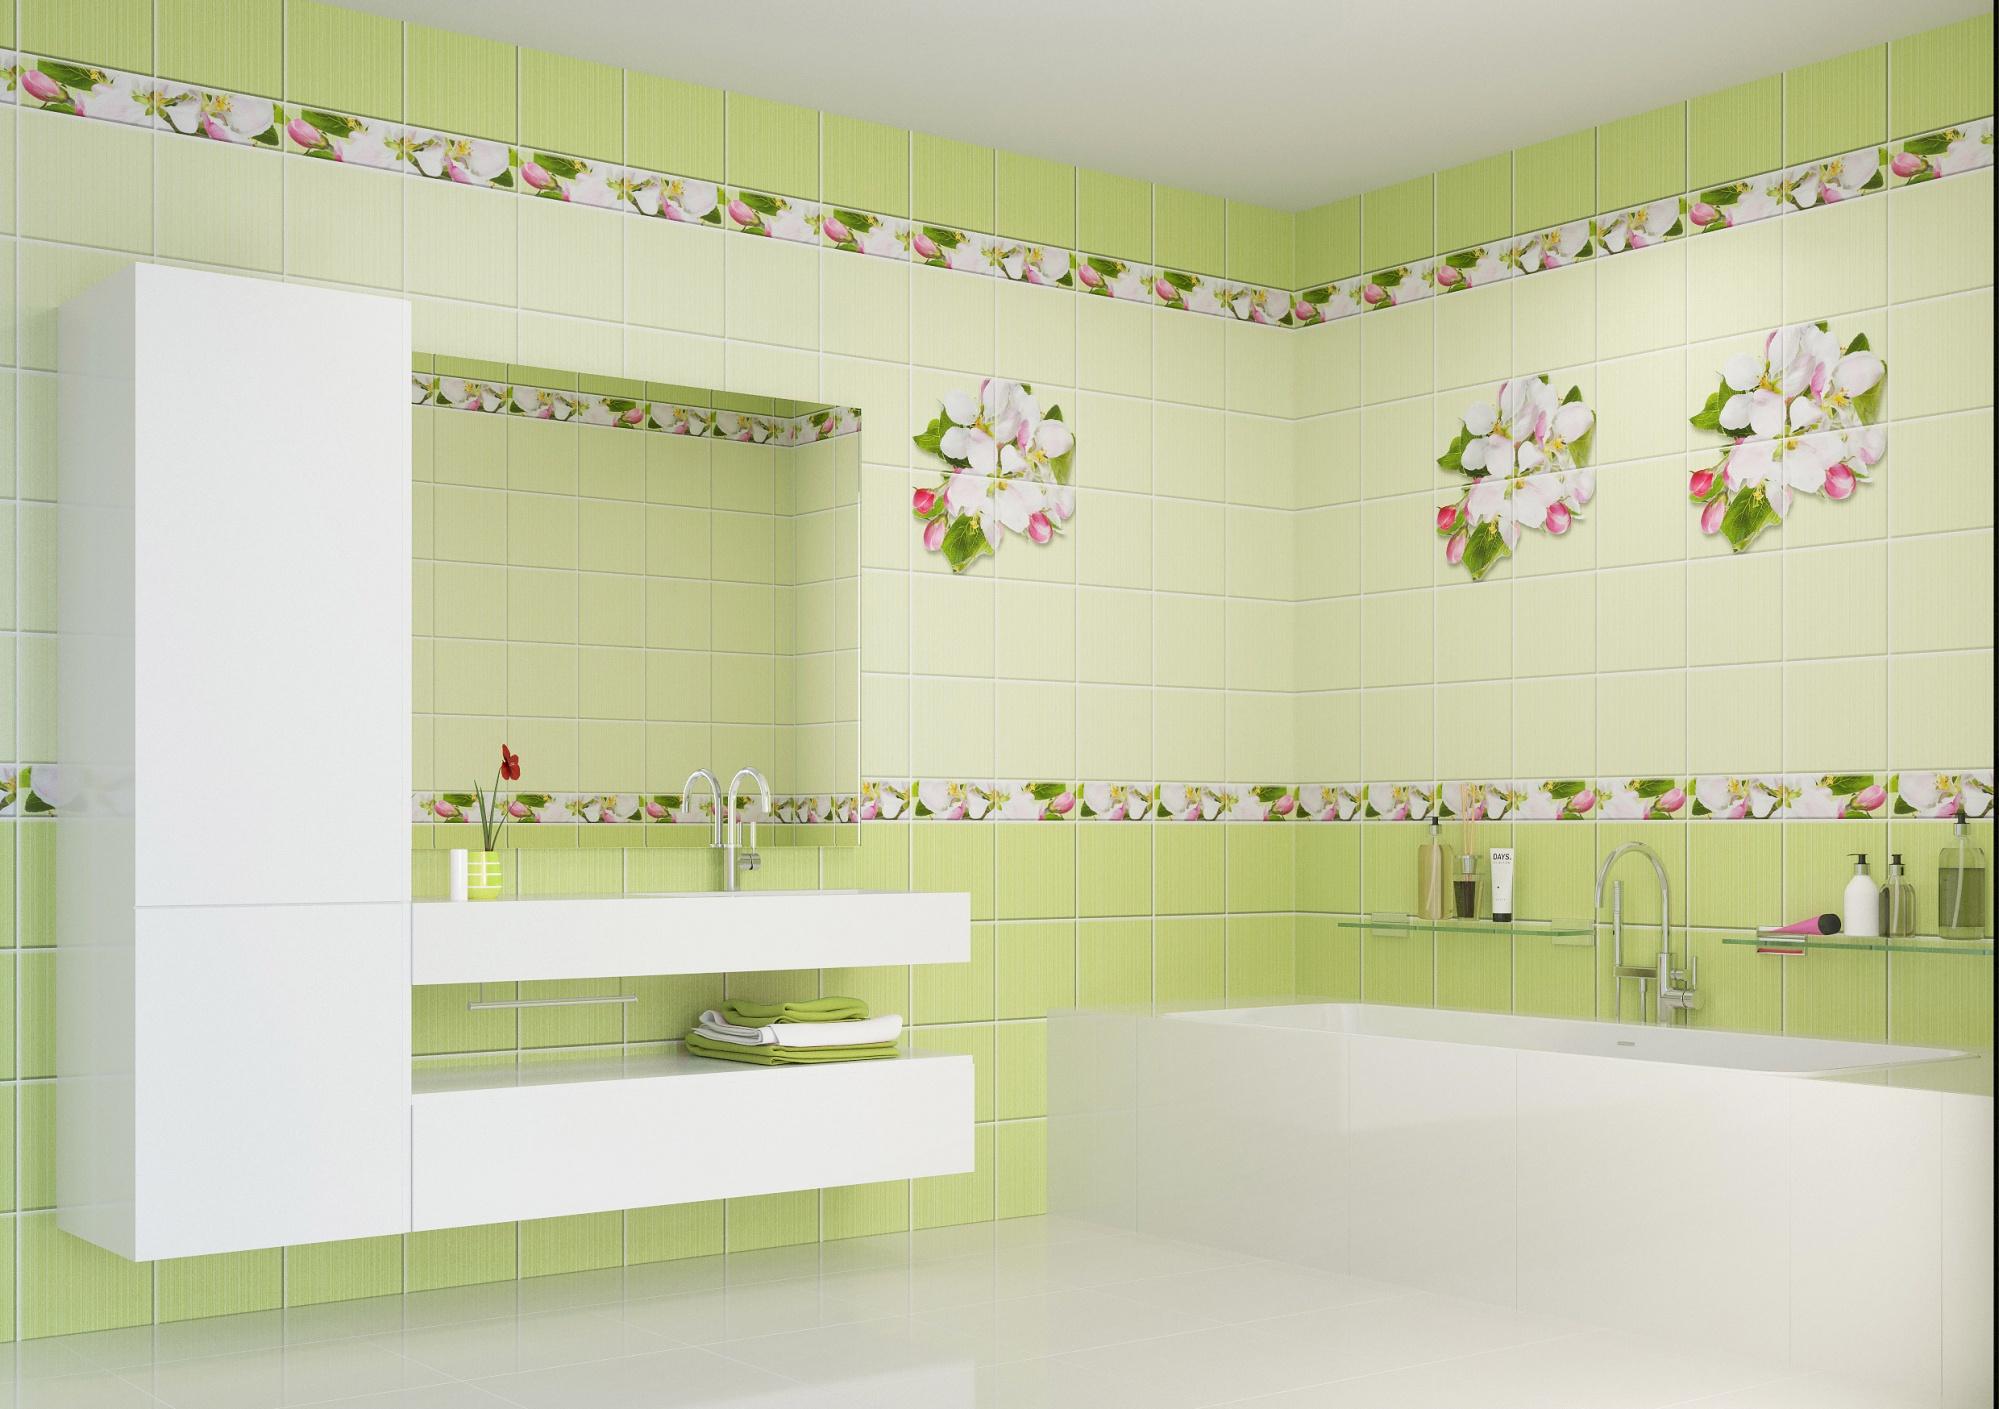 Кухонный фартук яблоневый цвет